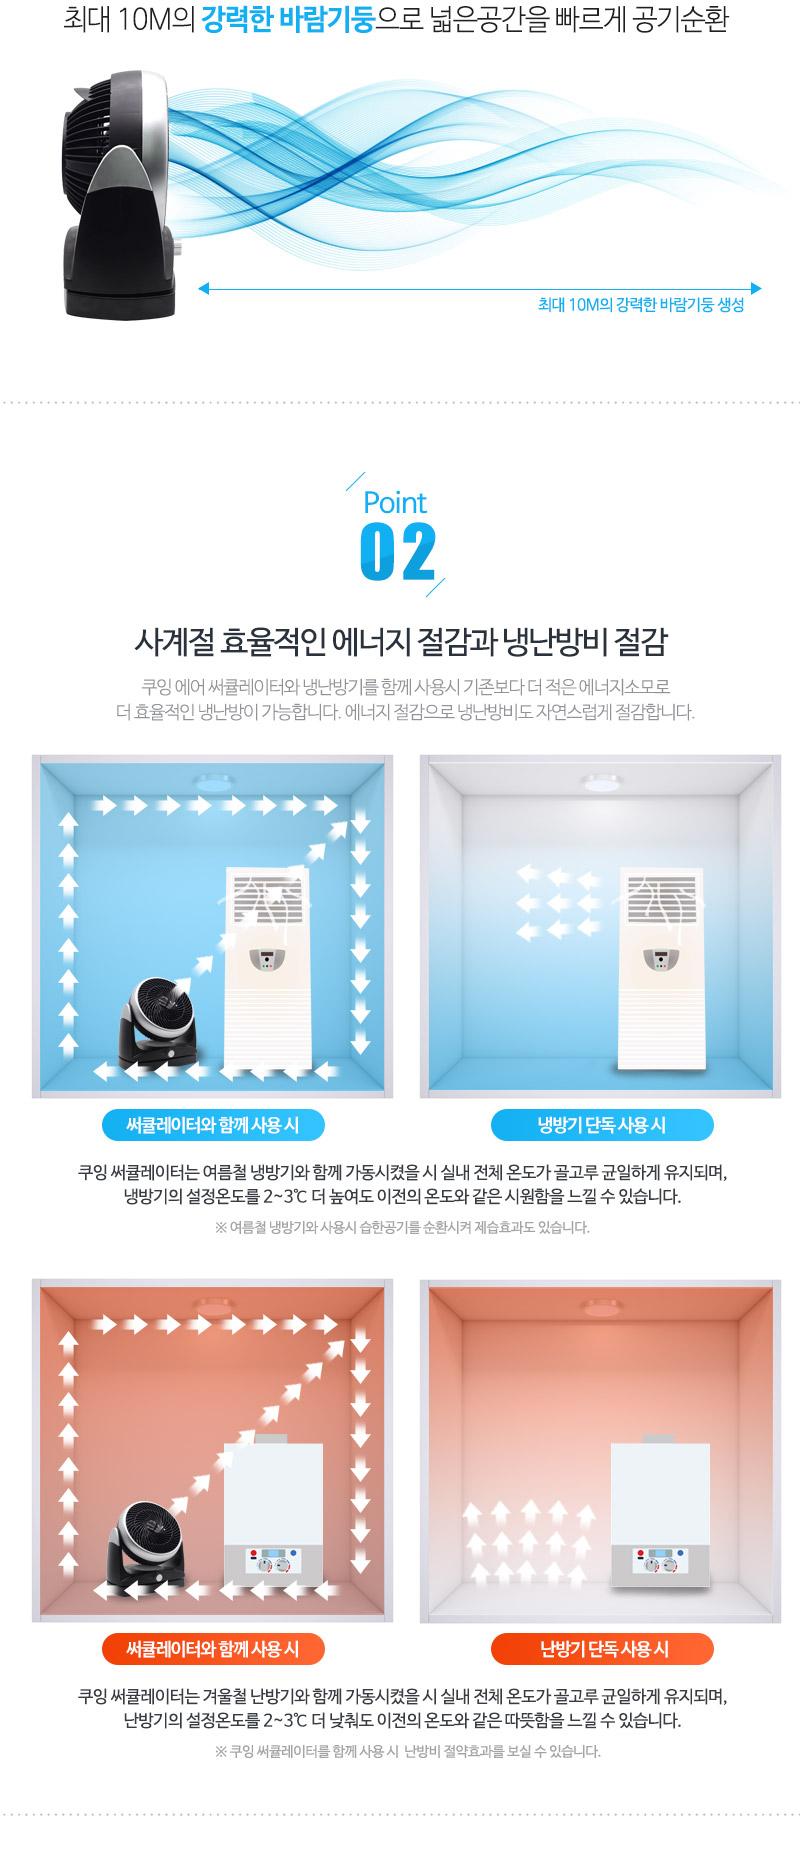 상세페이지 3, 효율적인 에너지절감, 냉난방비 절감